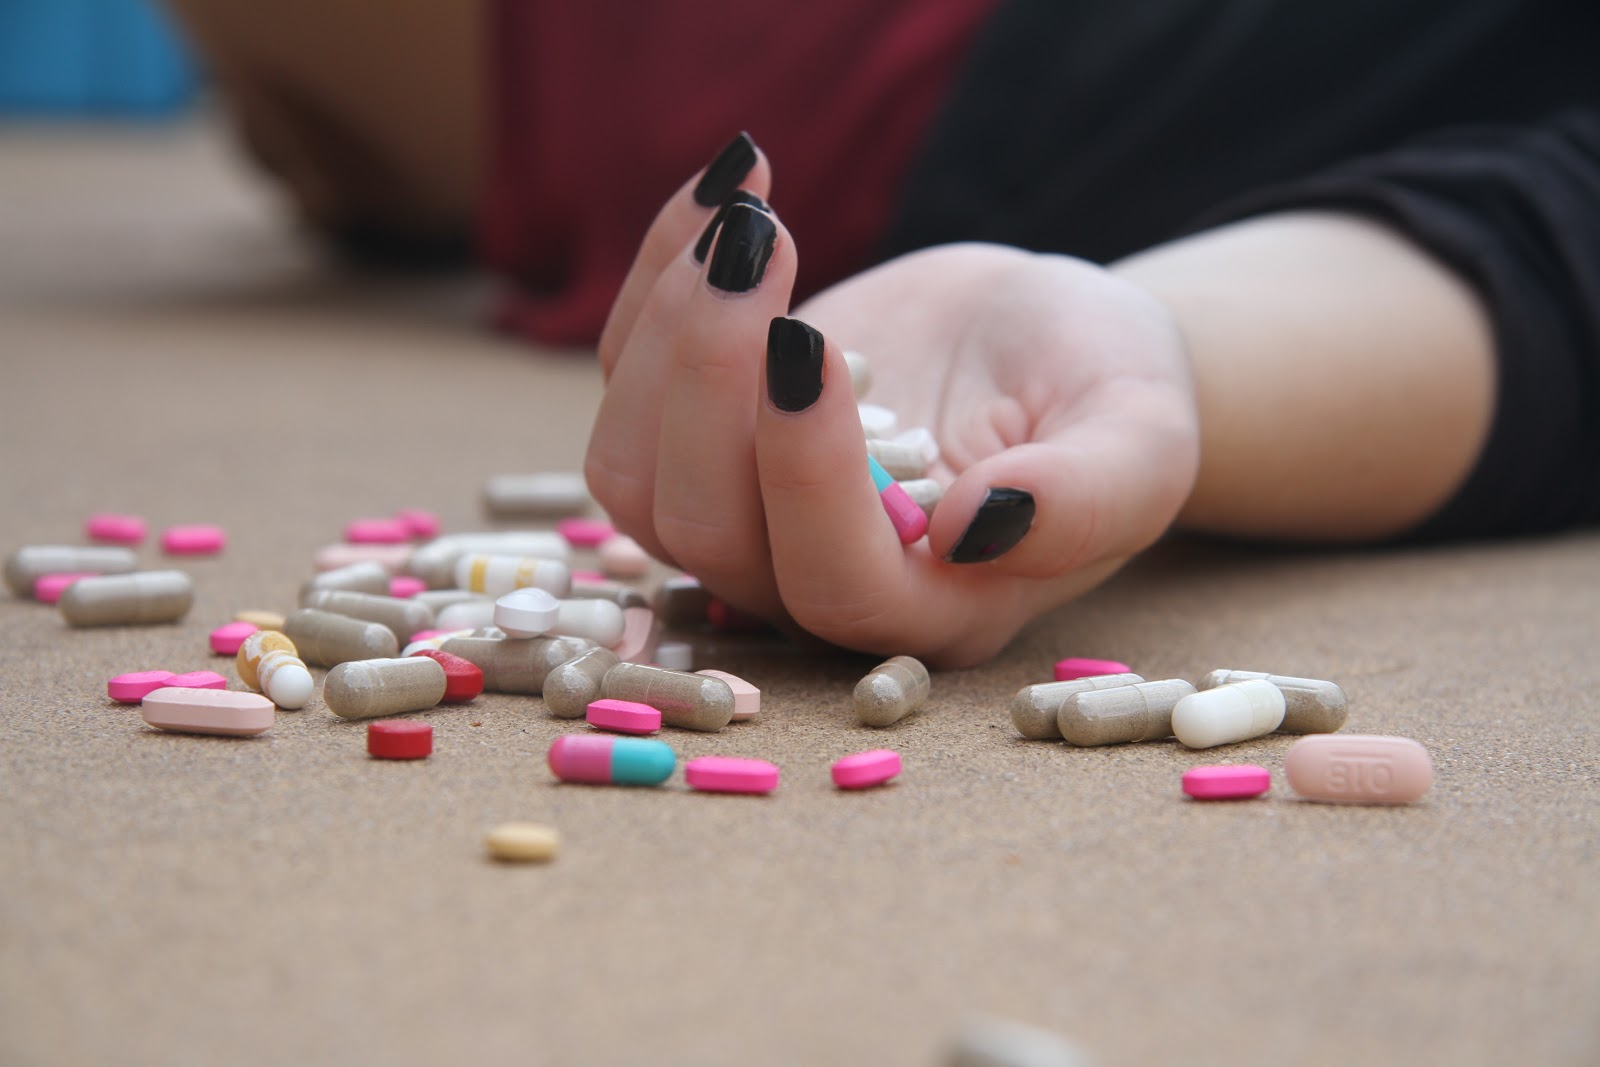 机の上で黒いマニキュアの左手から多くの明るい色の錠剤が溢れている